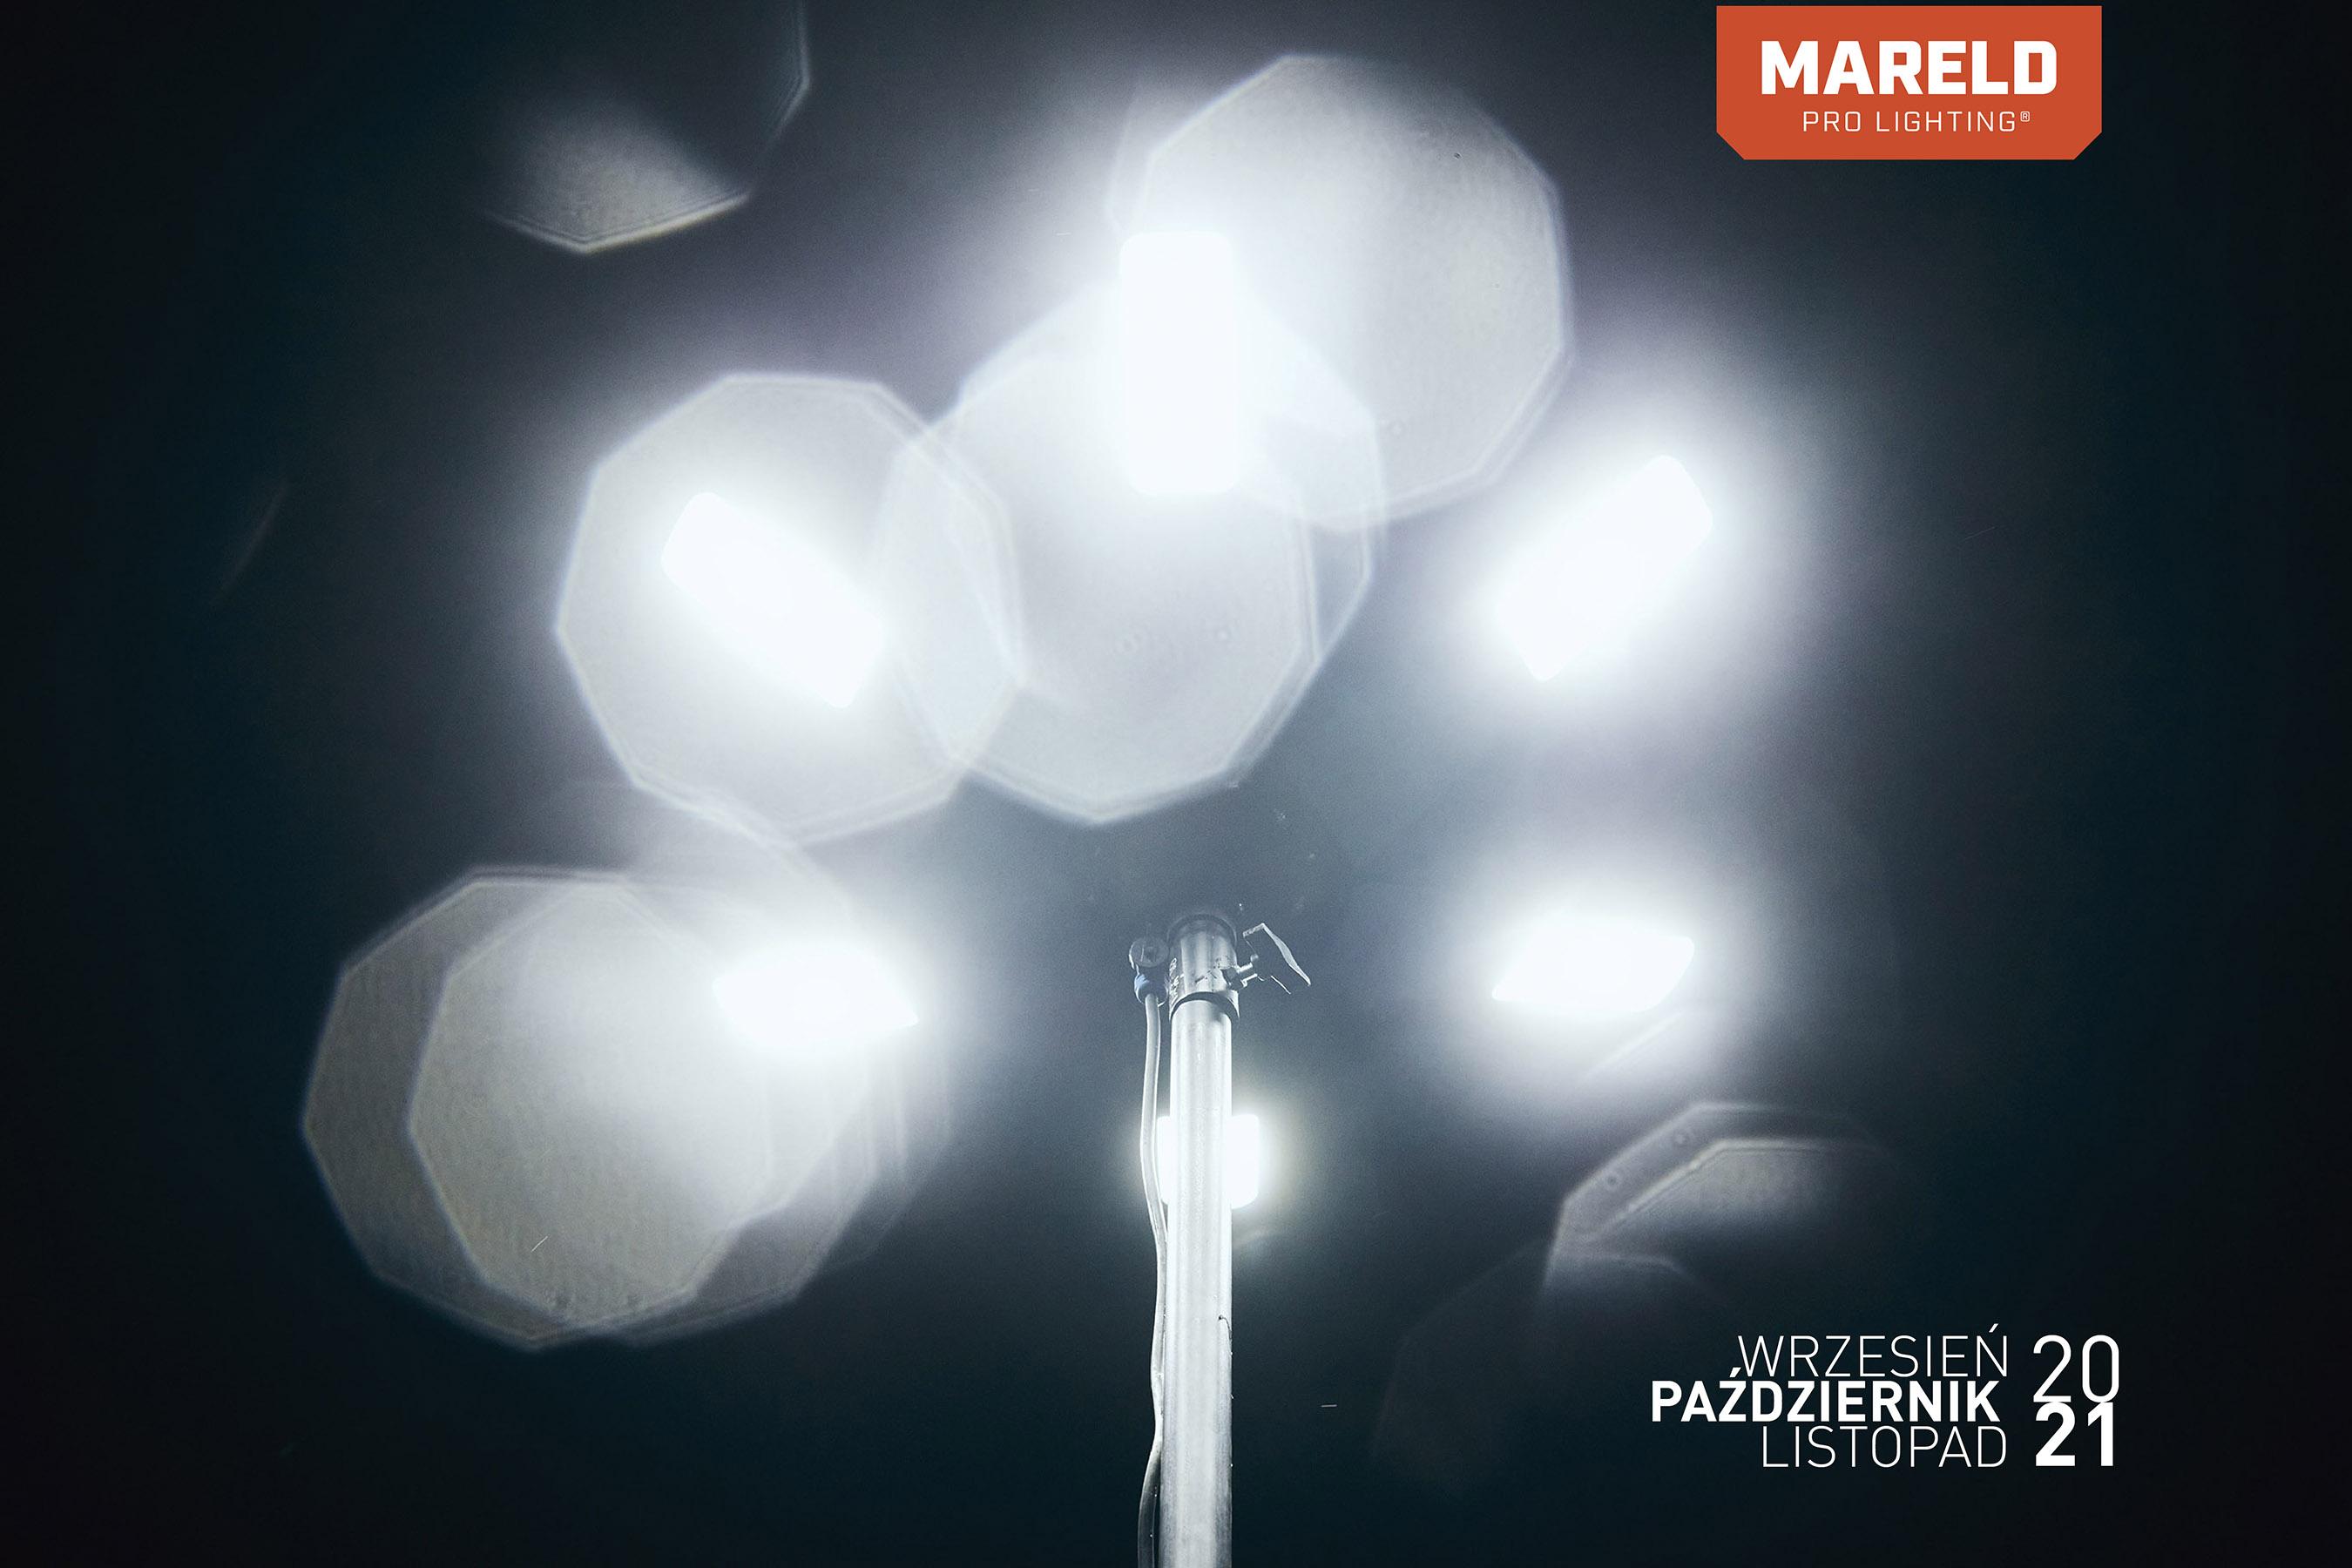 Oświetlenie Mareld w najnowszej promocji